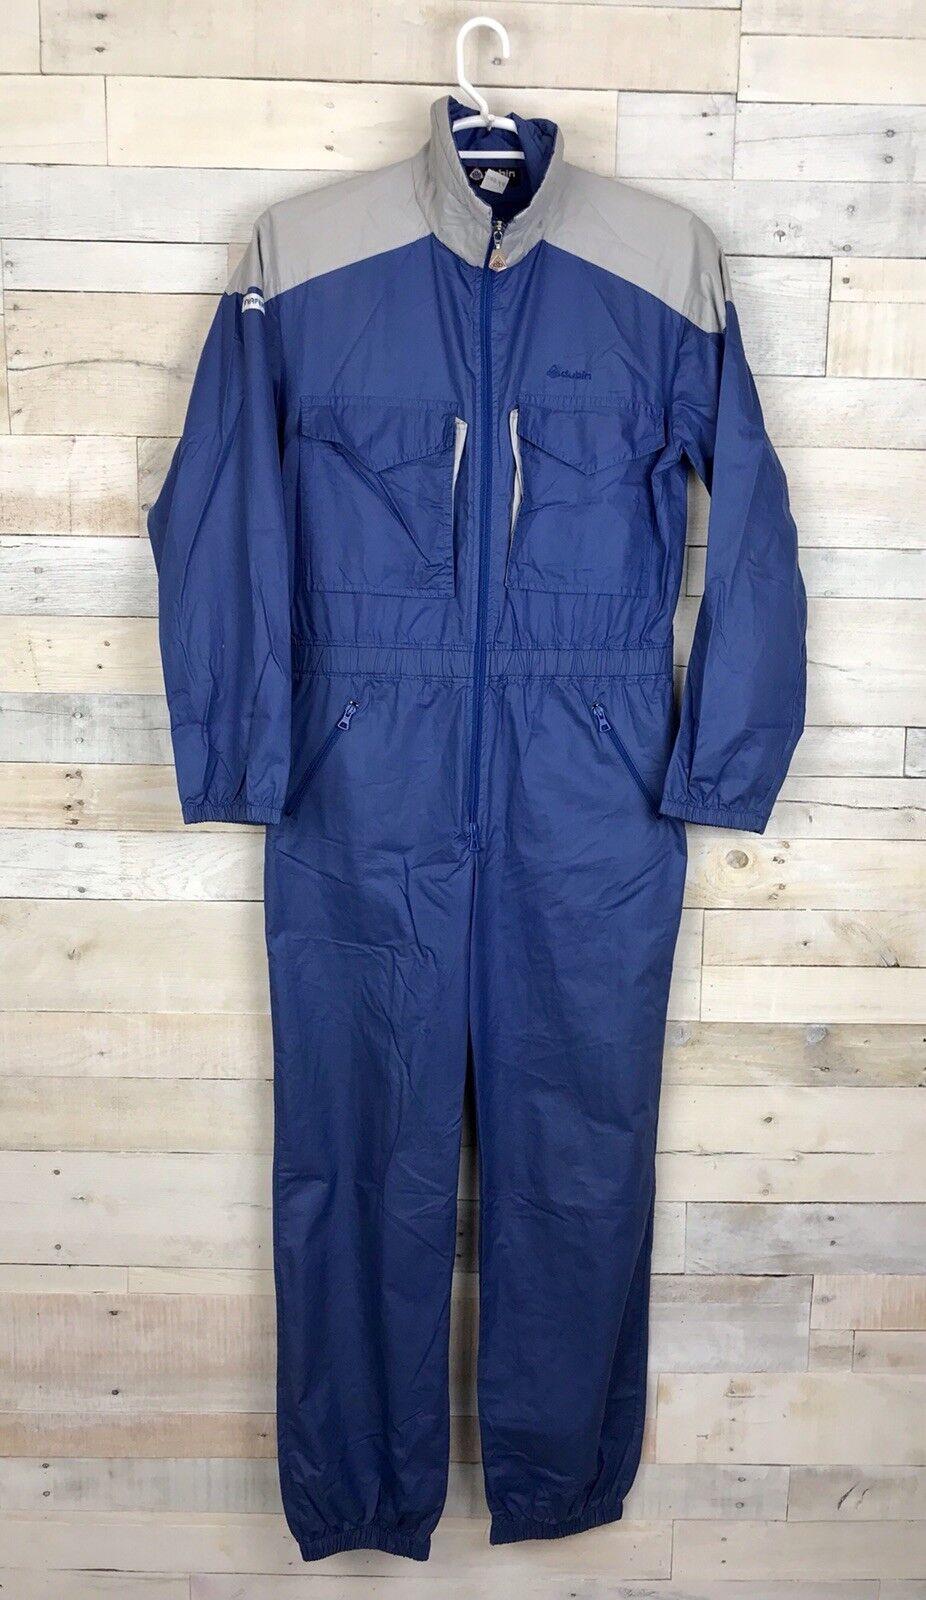 De Dubin Italia Azul Sin Forro Invierno Traje Para  Nieve De Esquí Traje de Chaqueta y Pantalones Unisex 52 41  oferta de tienda